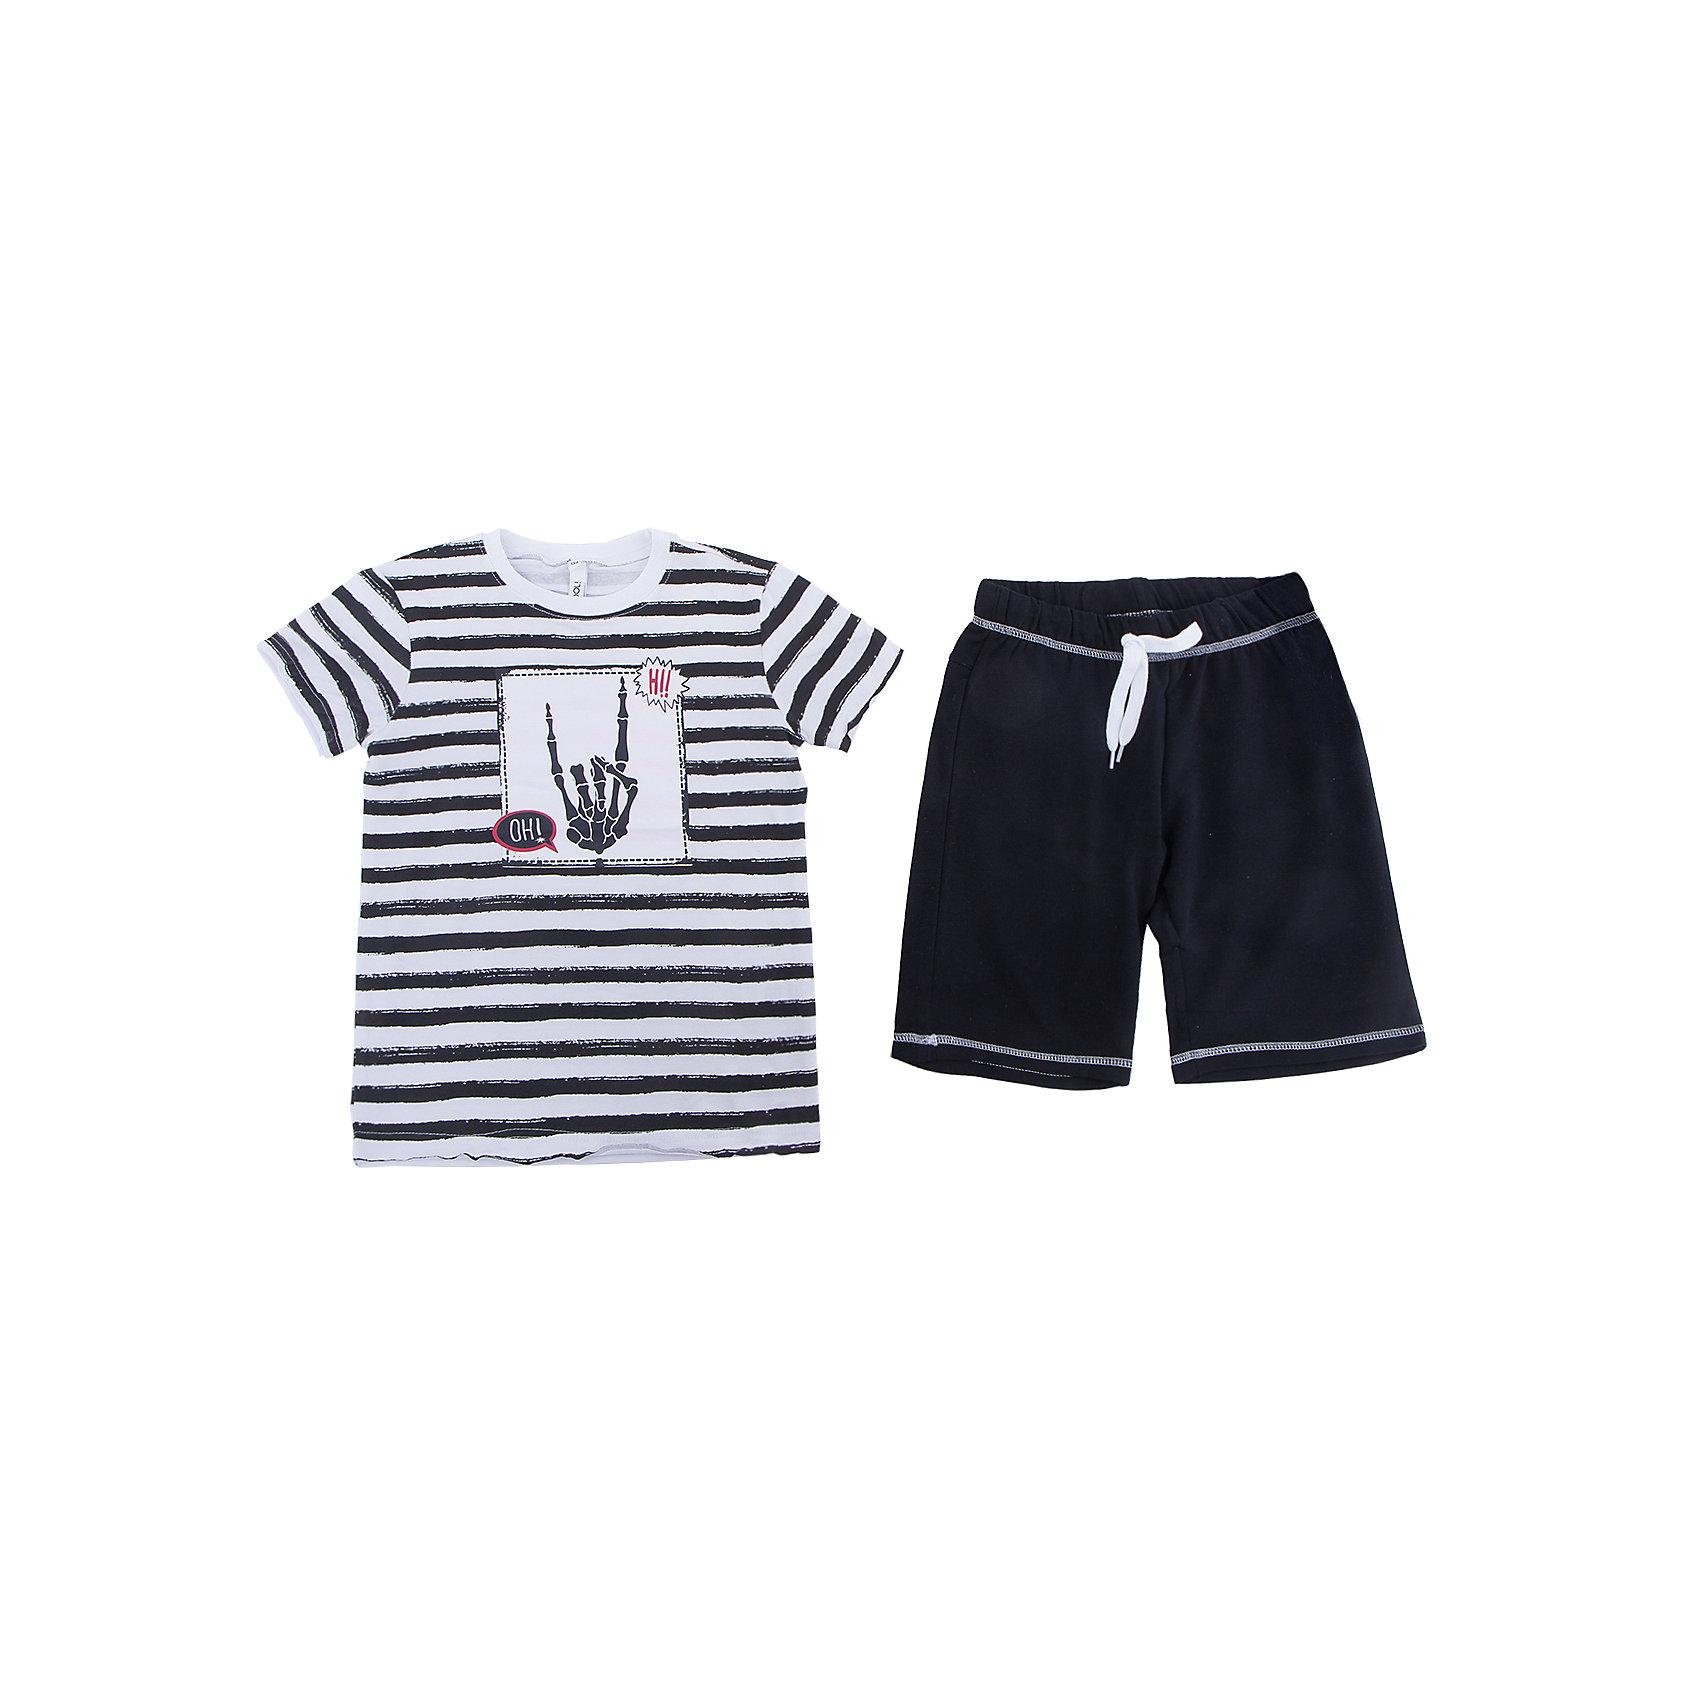 Комплект: футболка и шорты Scool для мальчикаКомплекты<br>Характеристики товара:<br><br>• цвет: белый/черный;<br>• состав: 95% хлопок, 5% эластан;<br>• особенности: в полоску;<br>• в комплекте: футболка, шорты;<br>• шорты на широкой резинке;<br>• дополнительный шнурок-кулиска;<br>• два боковых кармана на шортах;<br>• коллекция: хэллоуин;<br>• страна бренда: Германия;<br>• страна изготовитель: Китай.<br><br>Комплект: футболка и брюки Scool для мальчика. Комплект из футболки и шорт сможет быть и повседневной, и домашней одеждой. Шорты на широкой резинке, не сдавливающей живот ребенка, с регулируемым шнуром - кулиской, дополнены карманами. В качестве декора использован яркий принт.<br><br>Комплект: футболка и брюки Scool для мальчика (Скул) можно купить в нашем интернет-магазине.<br><br>Ширина мм: 356<br>Глубина мм: 10<br>Высота мм: 245<br>Вес г: 519<br>Цвет: белый<br>Возраст от месяцев: 96<br>Возраст до месяцев: 108<br>Пол: Мужской<br>Возраст: Детский<br>Размер: 134,164,158,152,146,140<br>SKU: 7105041